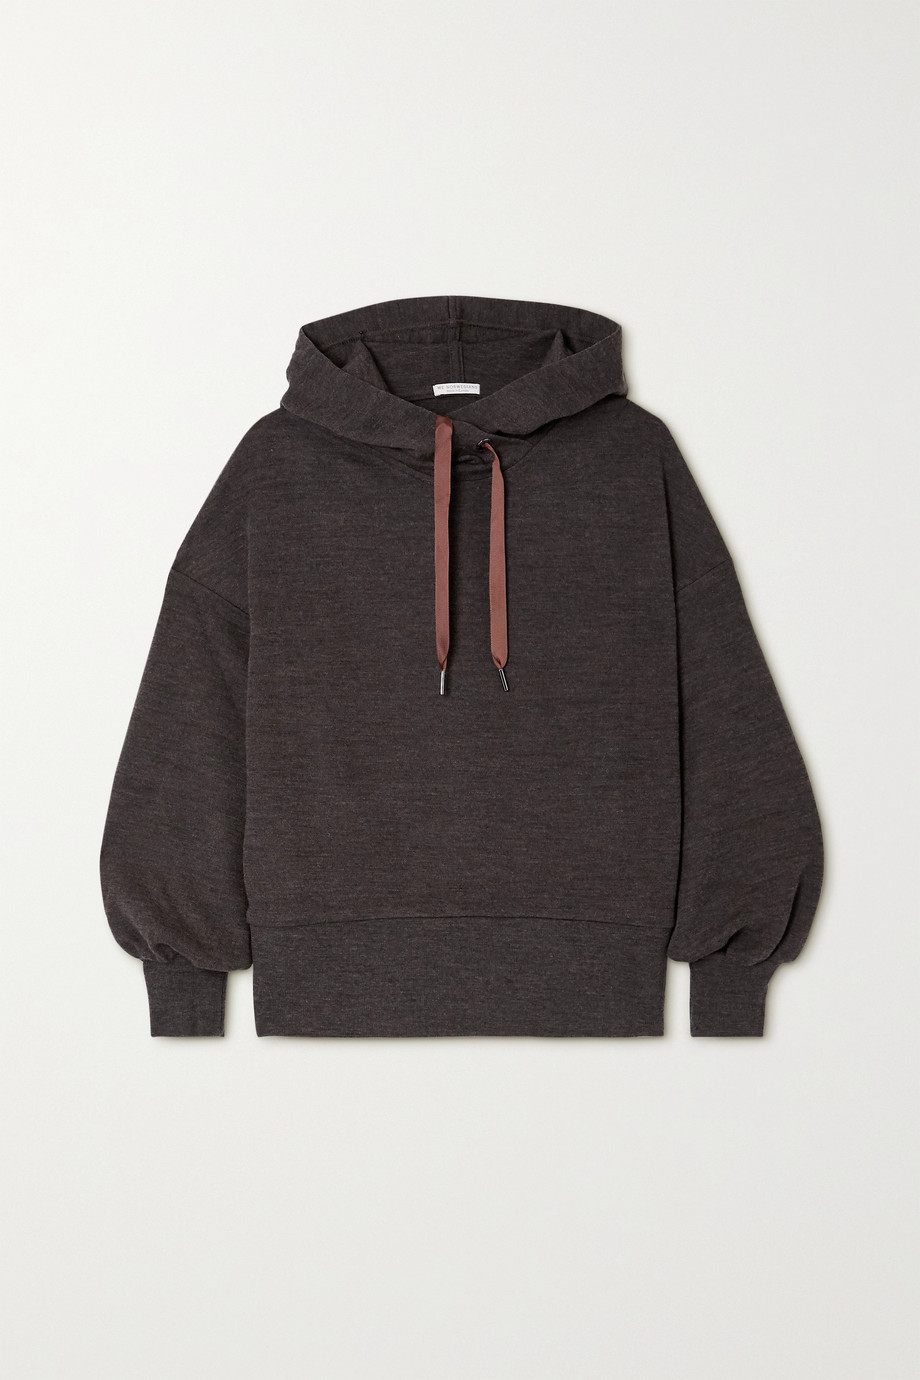 We Norwegians Tind merino wool hoodie